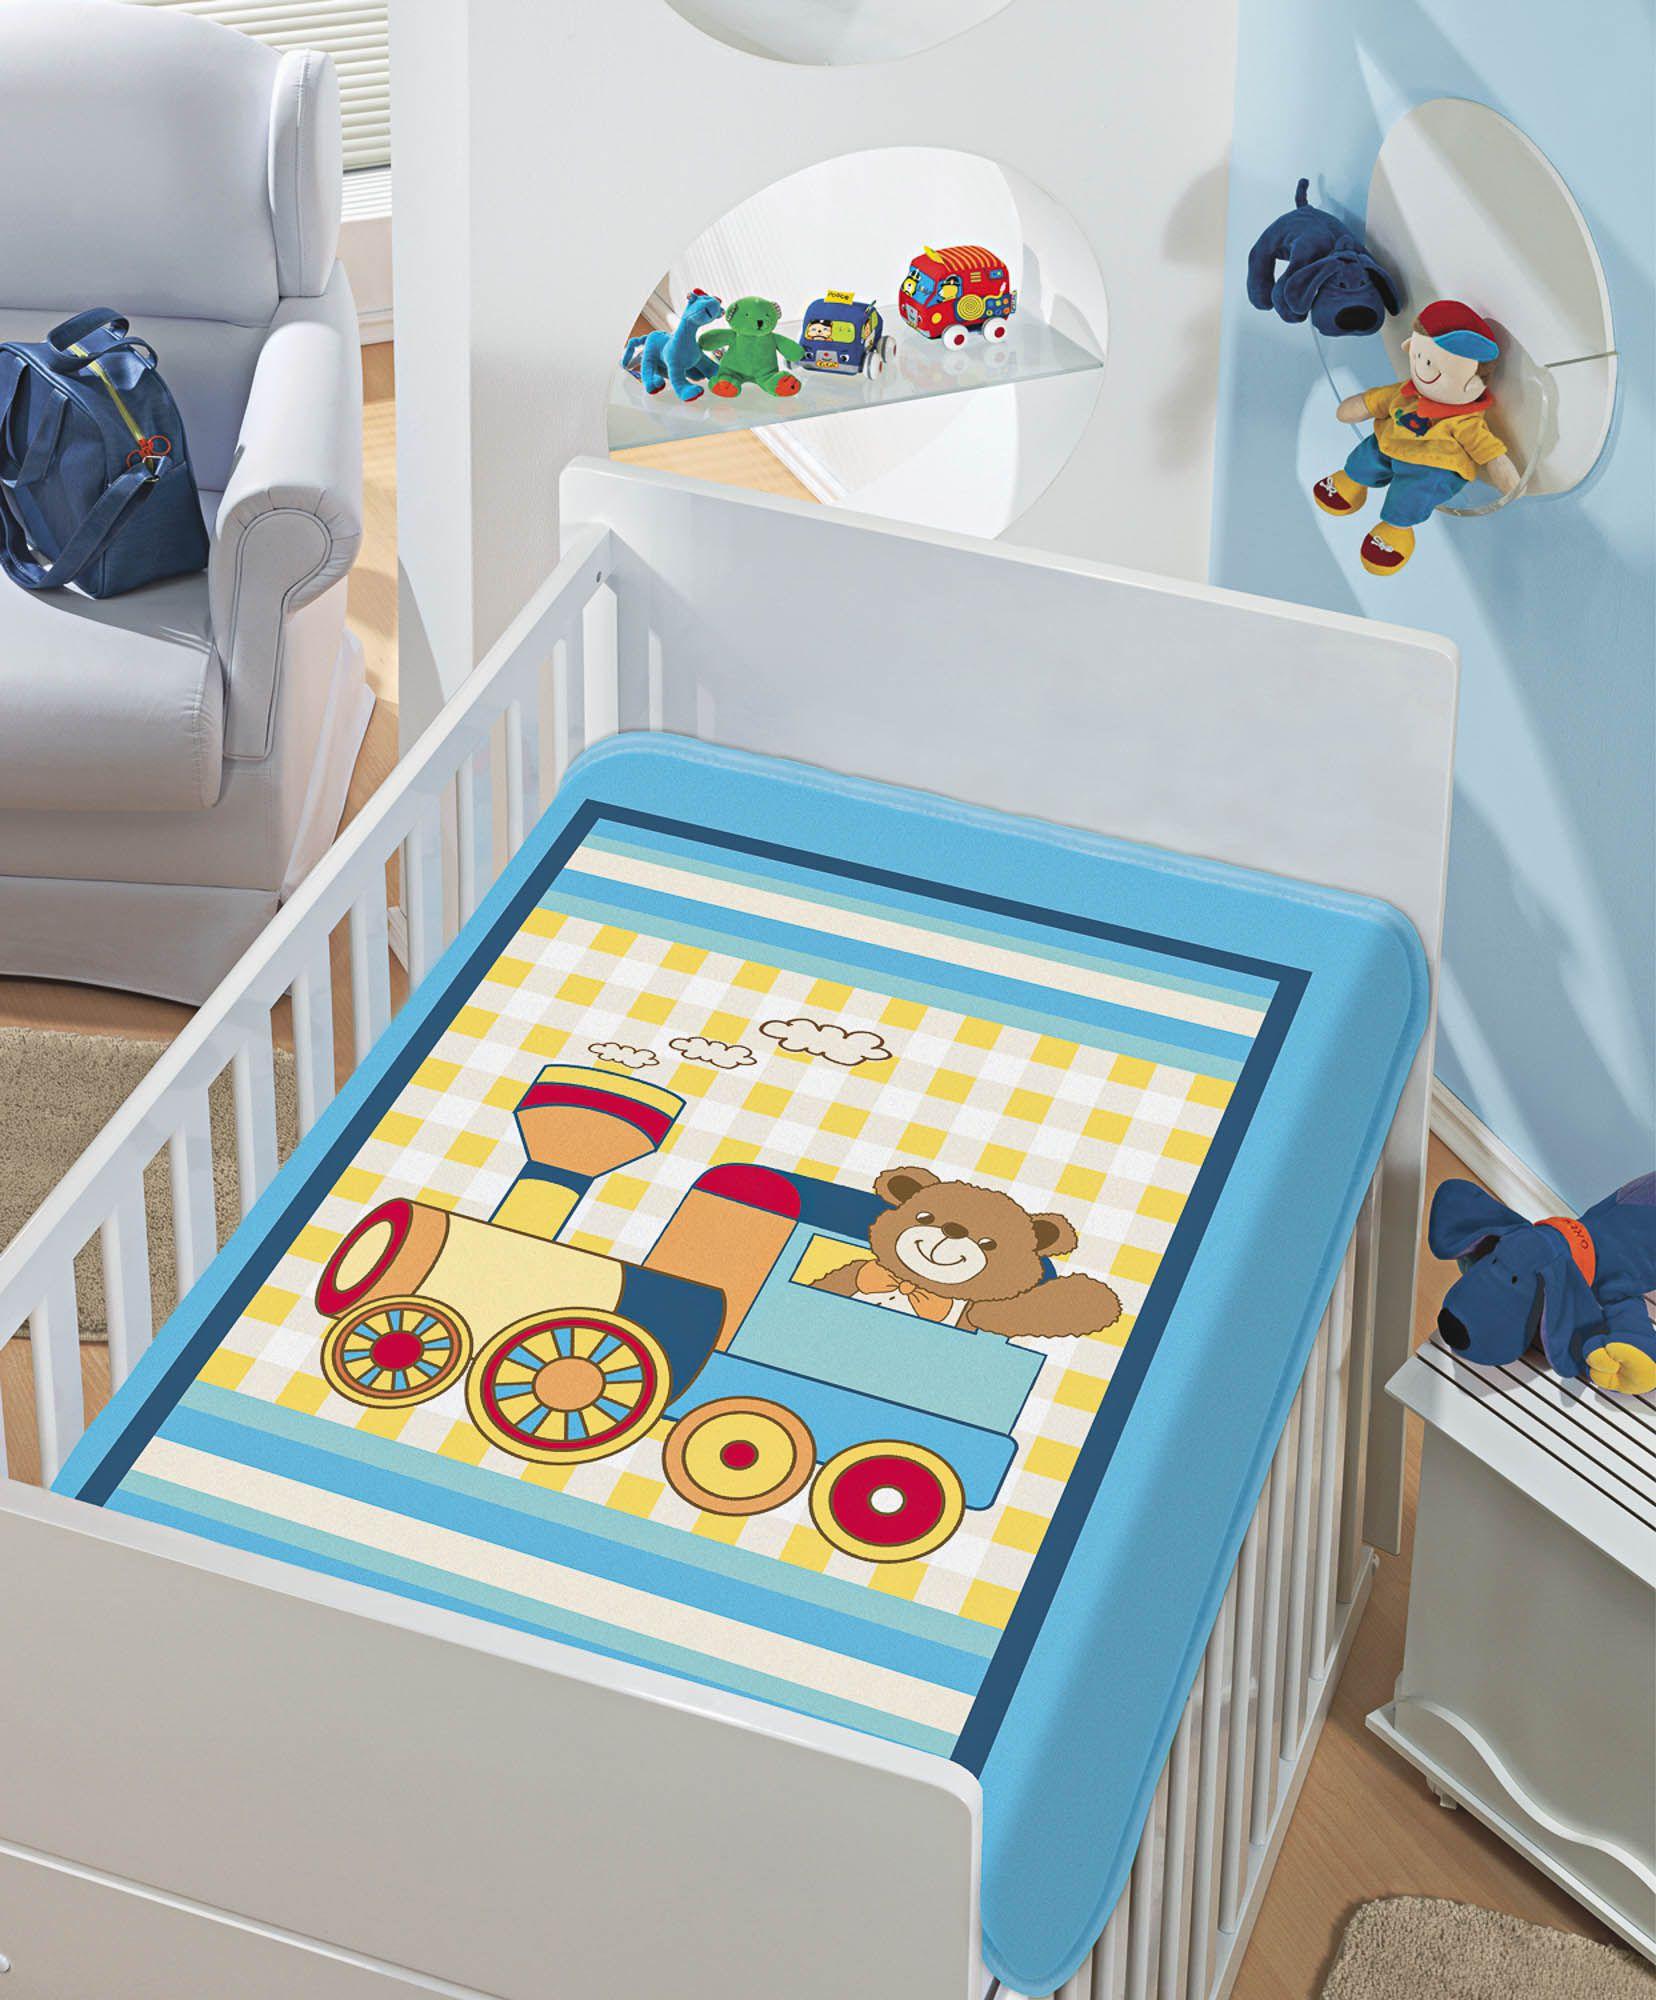 Cobertor Jolitex Raschel Infantil 0,90x1,10m Trenzinho Piui Azul